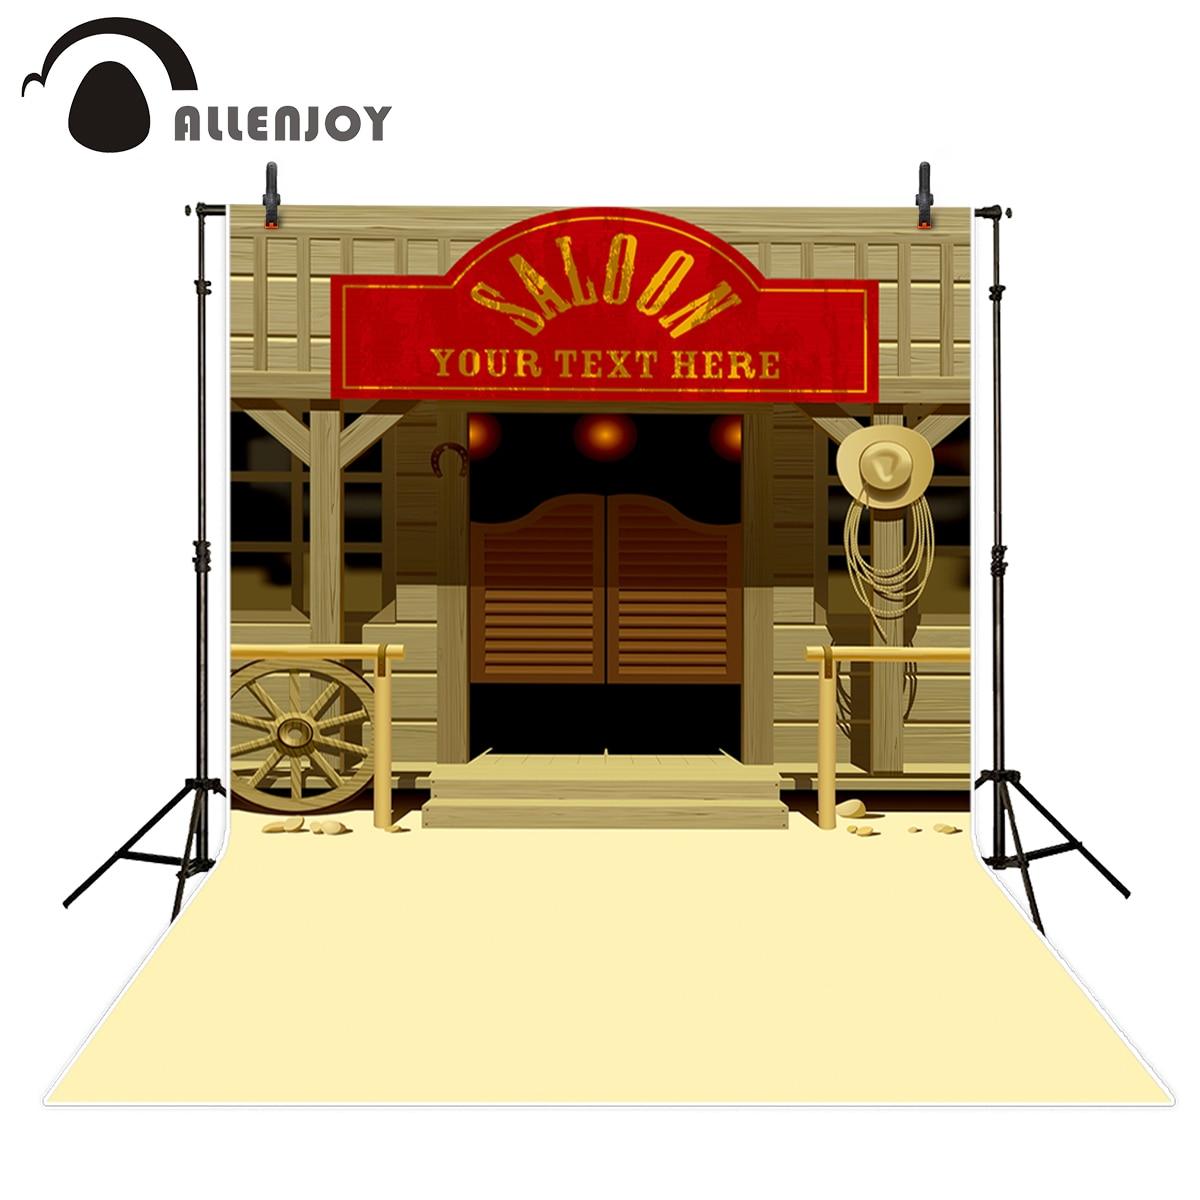 Allenjoy fondos para foto estudio Salvaje Oeste rojo letrero vaquero FONDO DE granero fotografía photocall impreso profesional